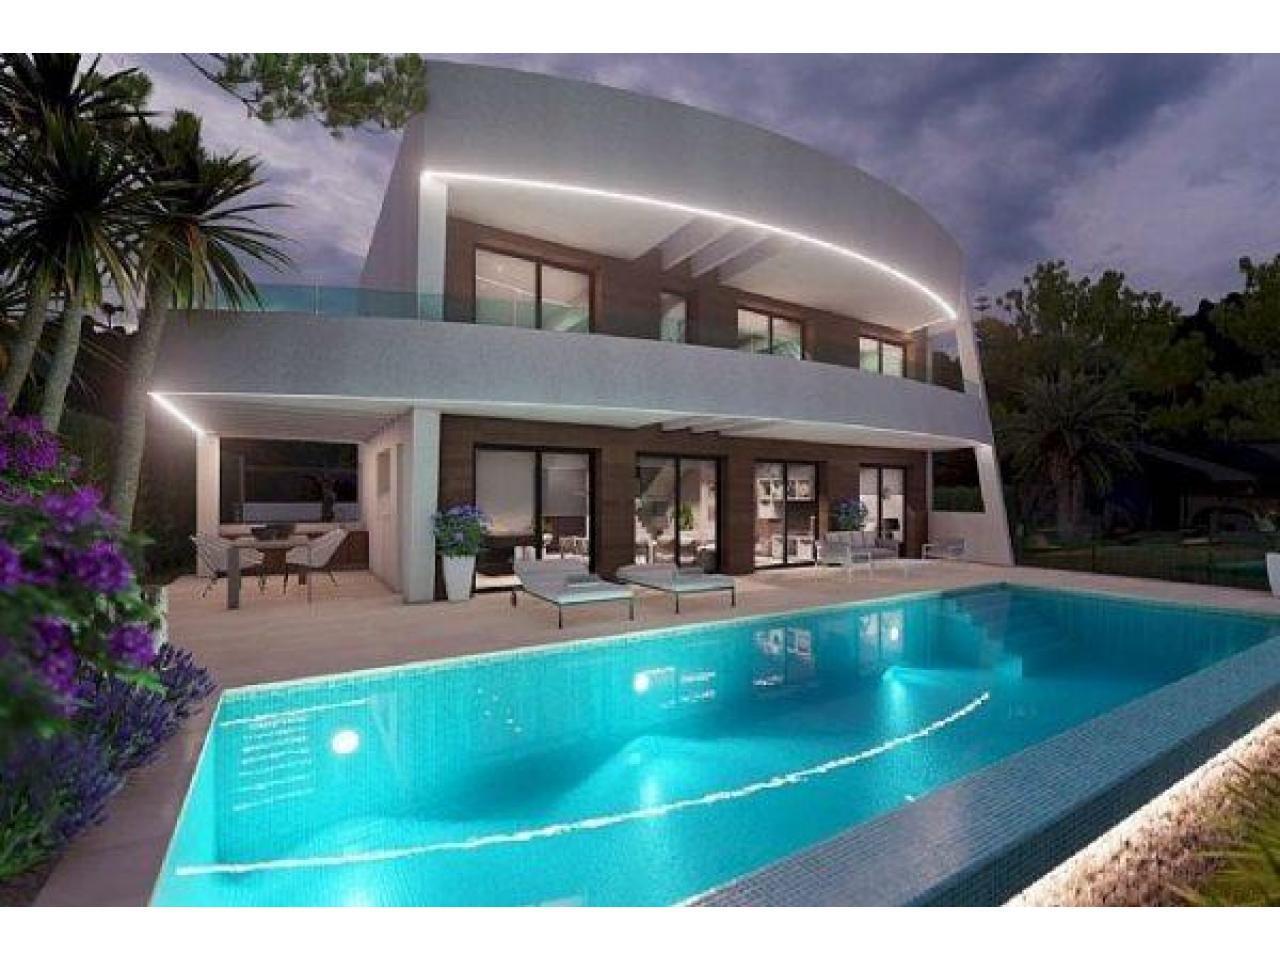 Недвижимость в Испании, Новая вилла с видами на море от застройщика в Морайра,Коста Бланка,Испания - 6